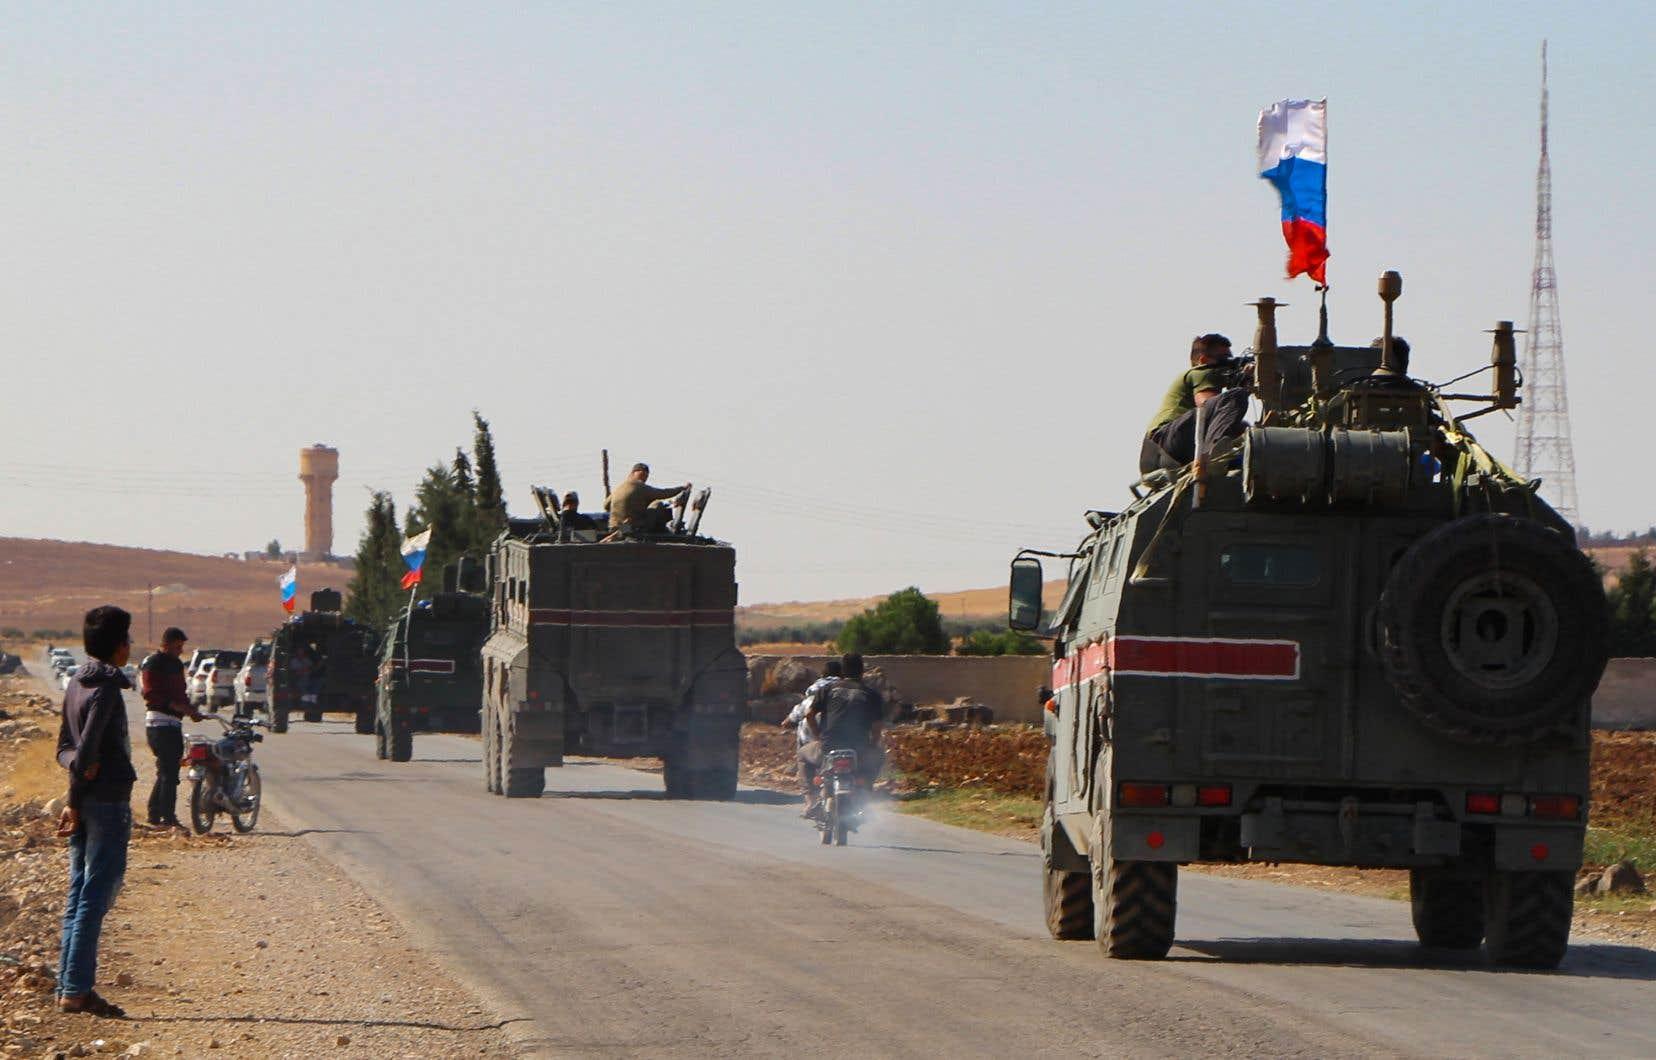 Les forces russes ont effectué mercredi leurs premières patrouilles dans le nord de la Syrie, dans le cadre d'un accord russo-turc sur le retrait des forces kurdes. Dans la ville frontalière de Kobané, un correspondant de l'AFP a vu en début de soirée plusieurs véhicules blindés arborant des drapeaux russes.